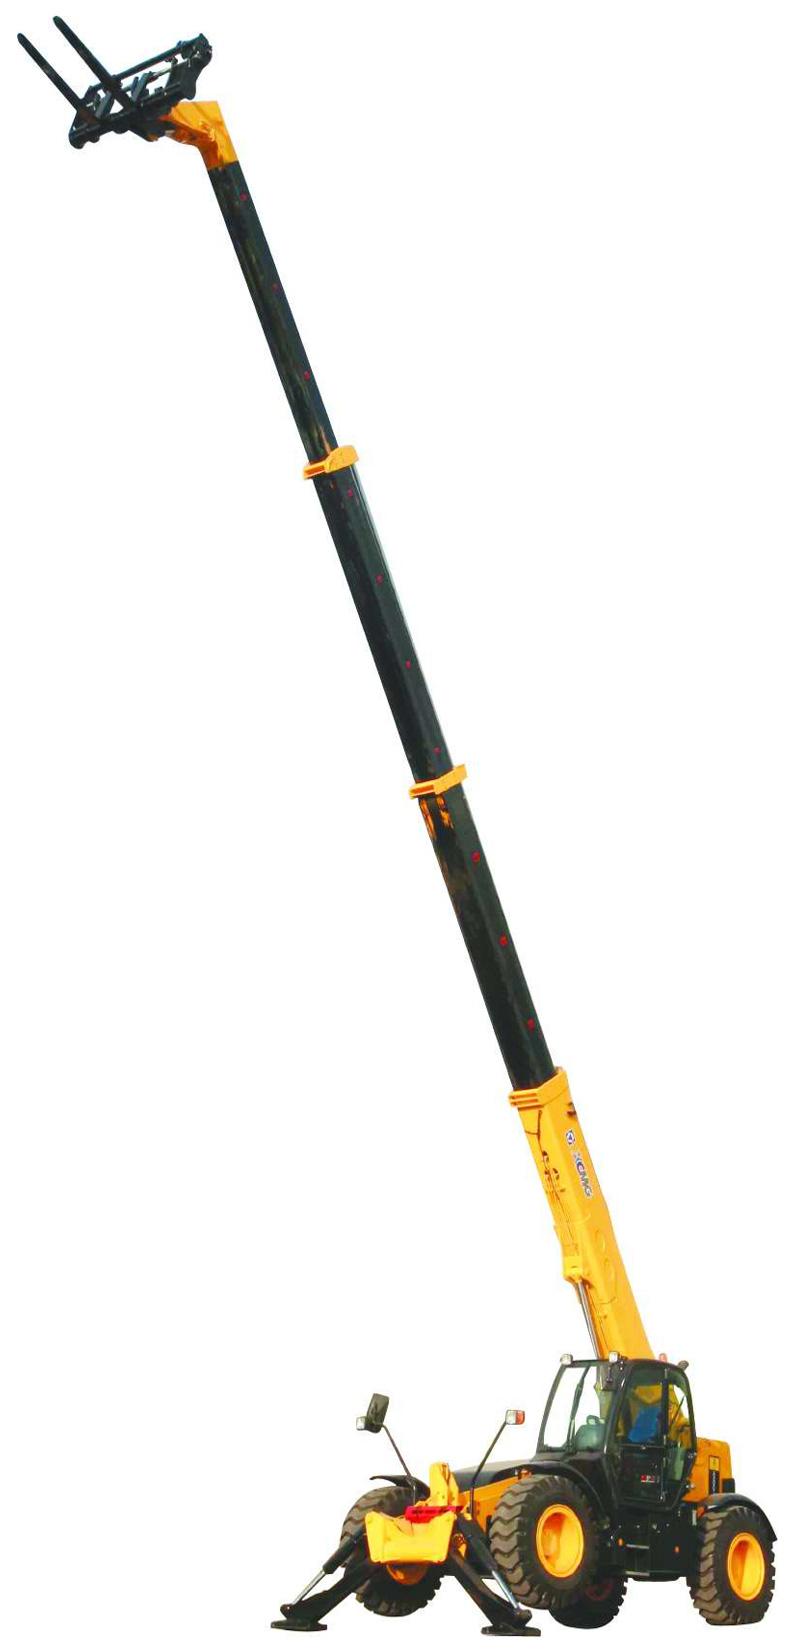 телескопический погрузчик XCMG xt680 170